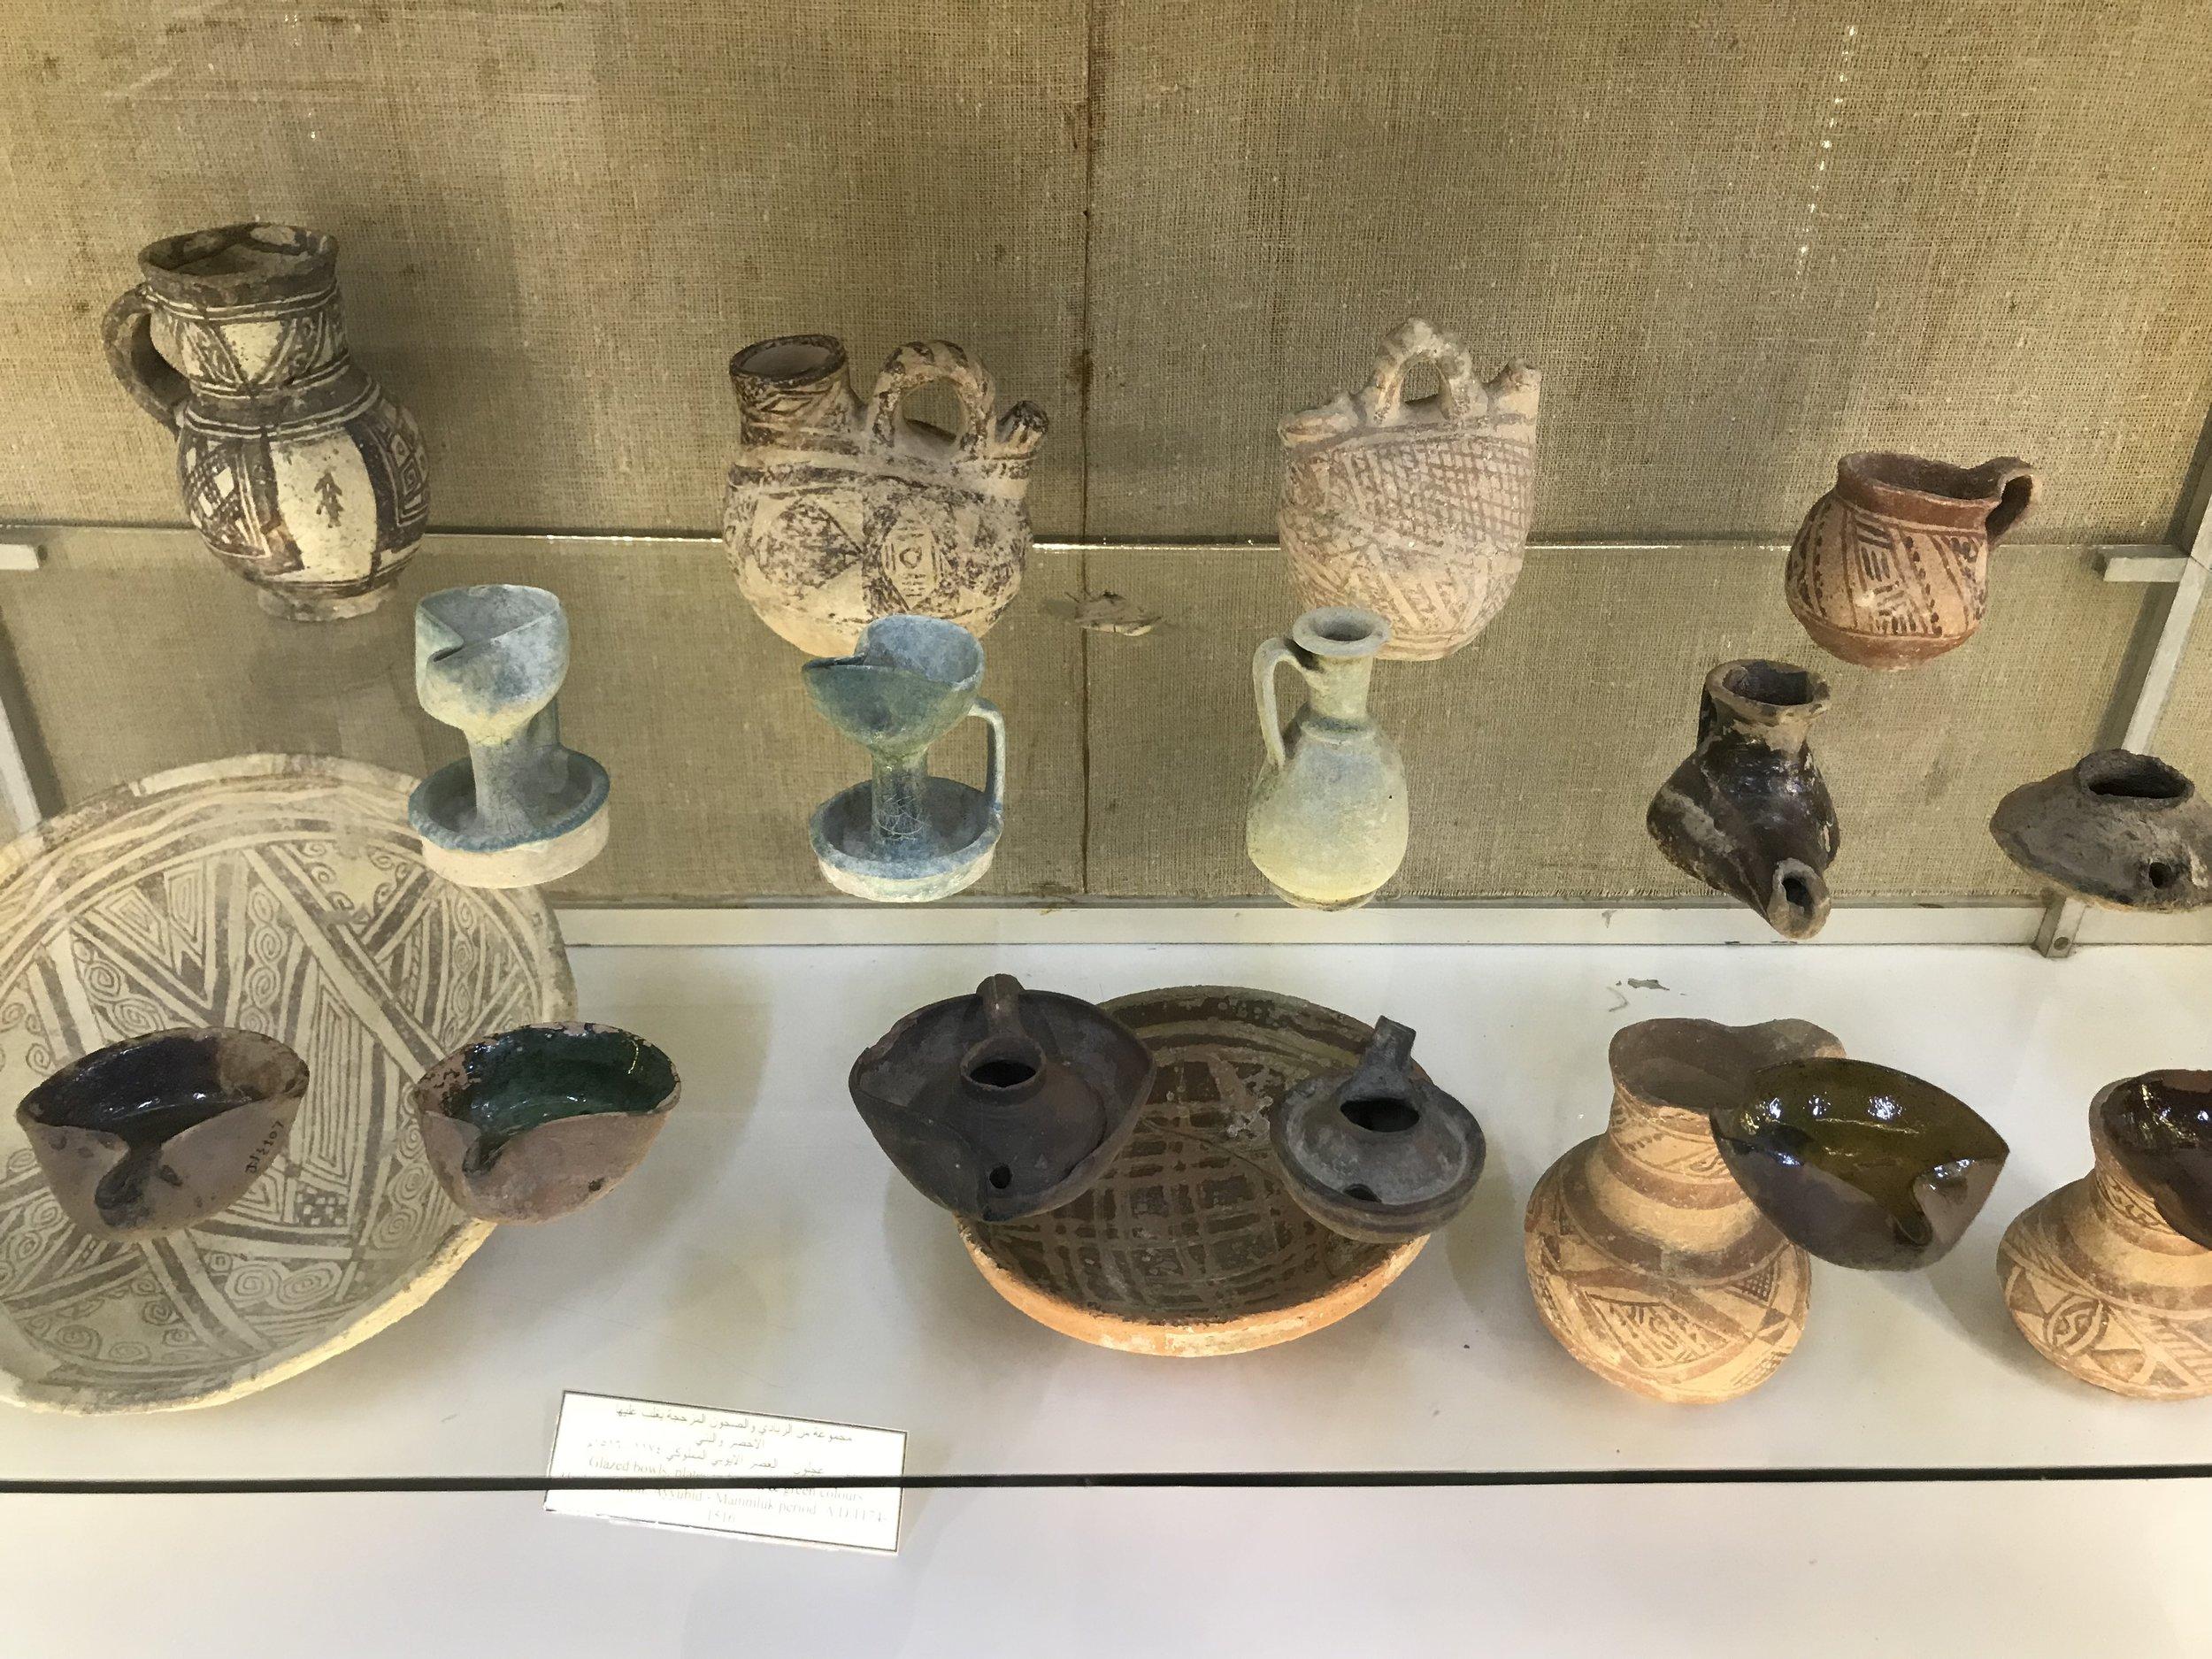 一千年多前阿拉伯地区居民使用的油灯。